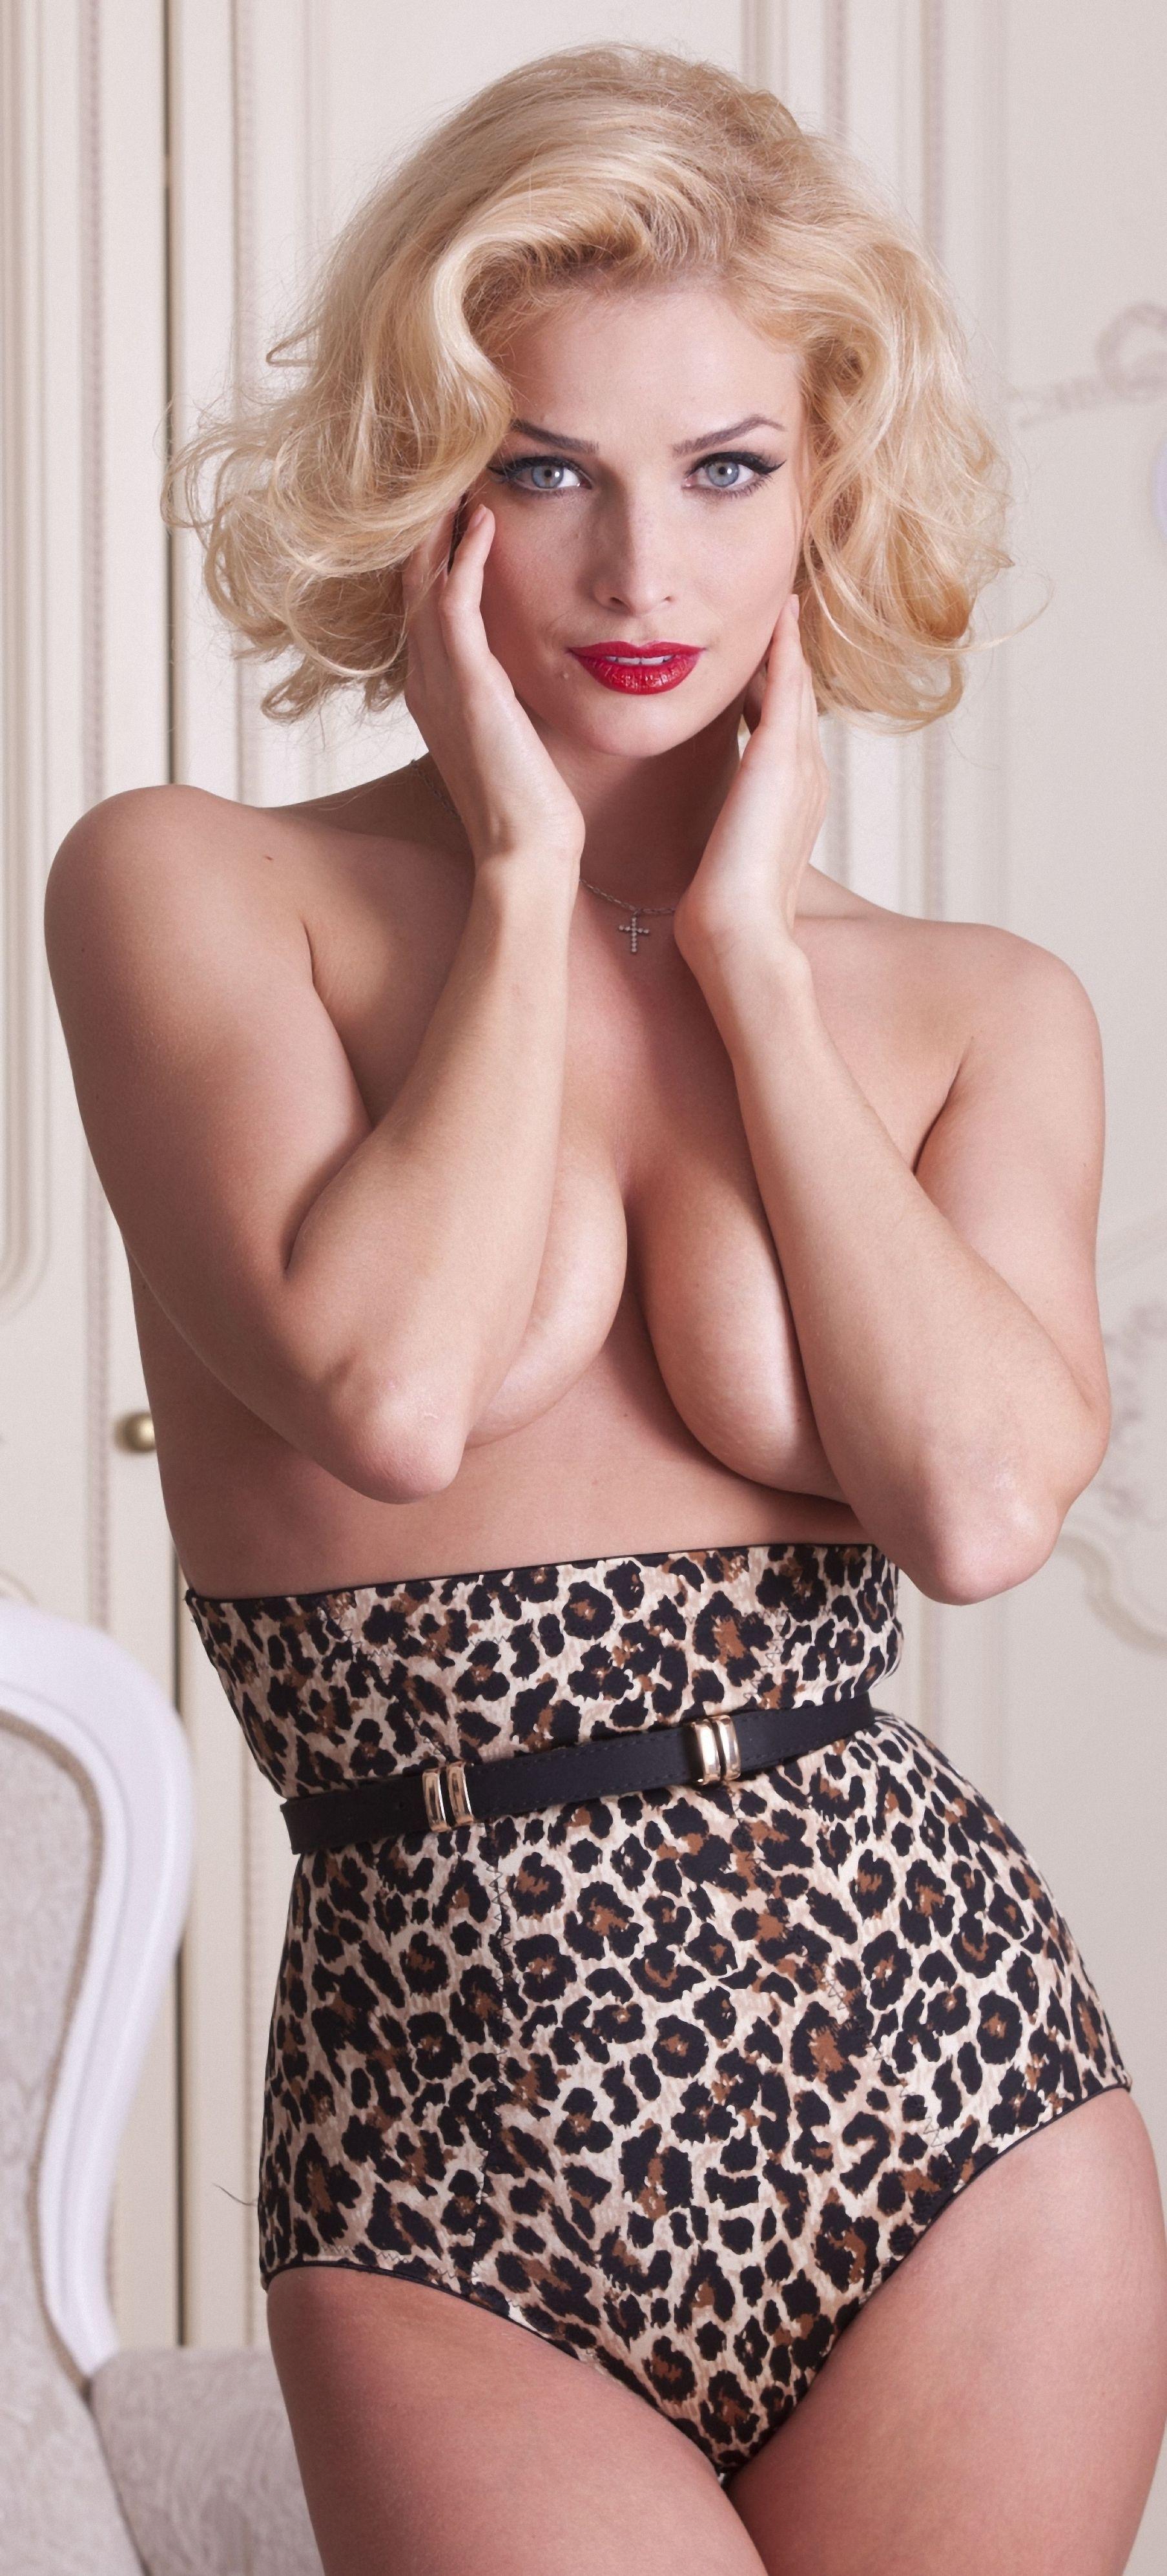 Татьяна бестаева голая 1 фотография